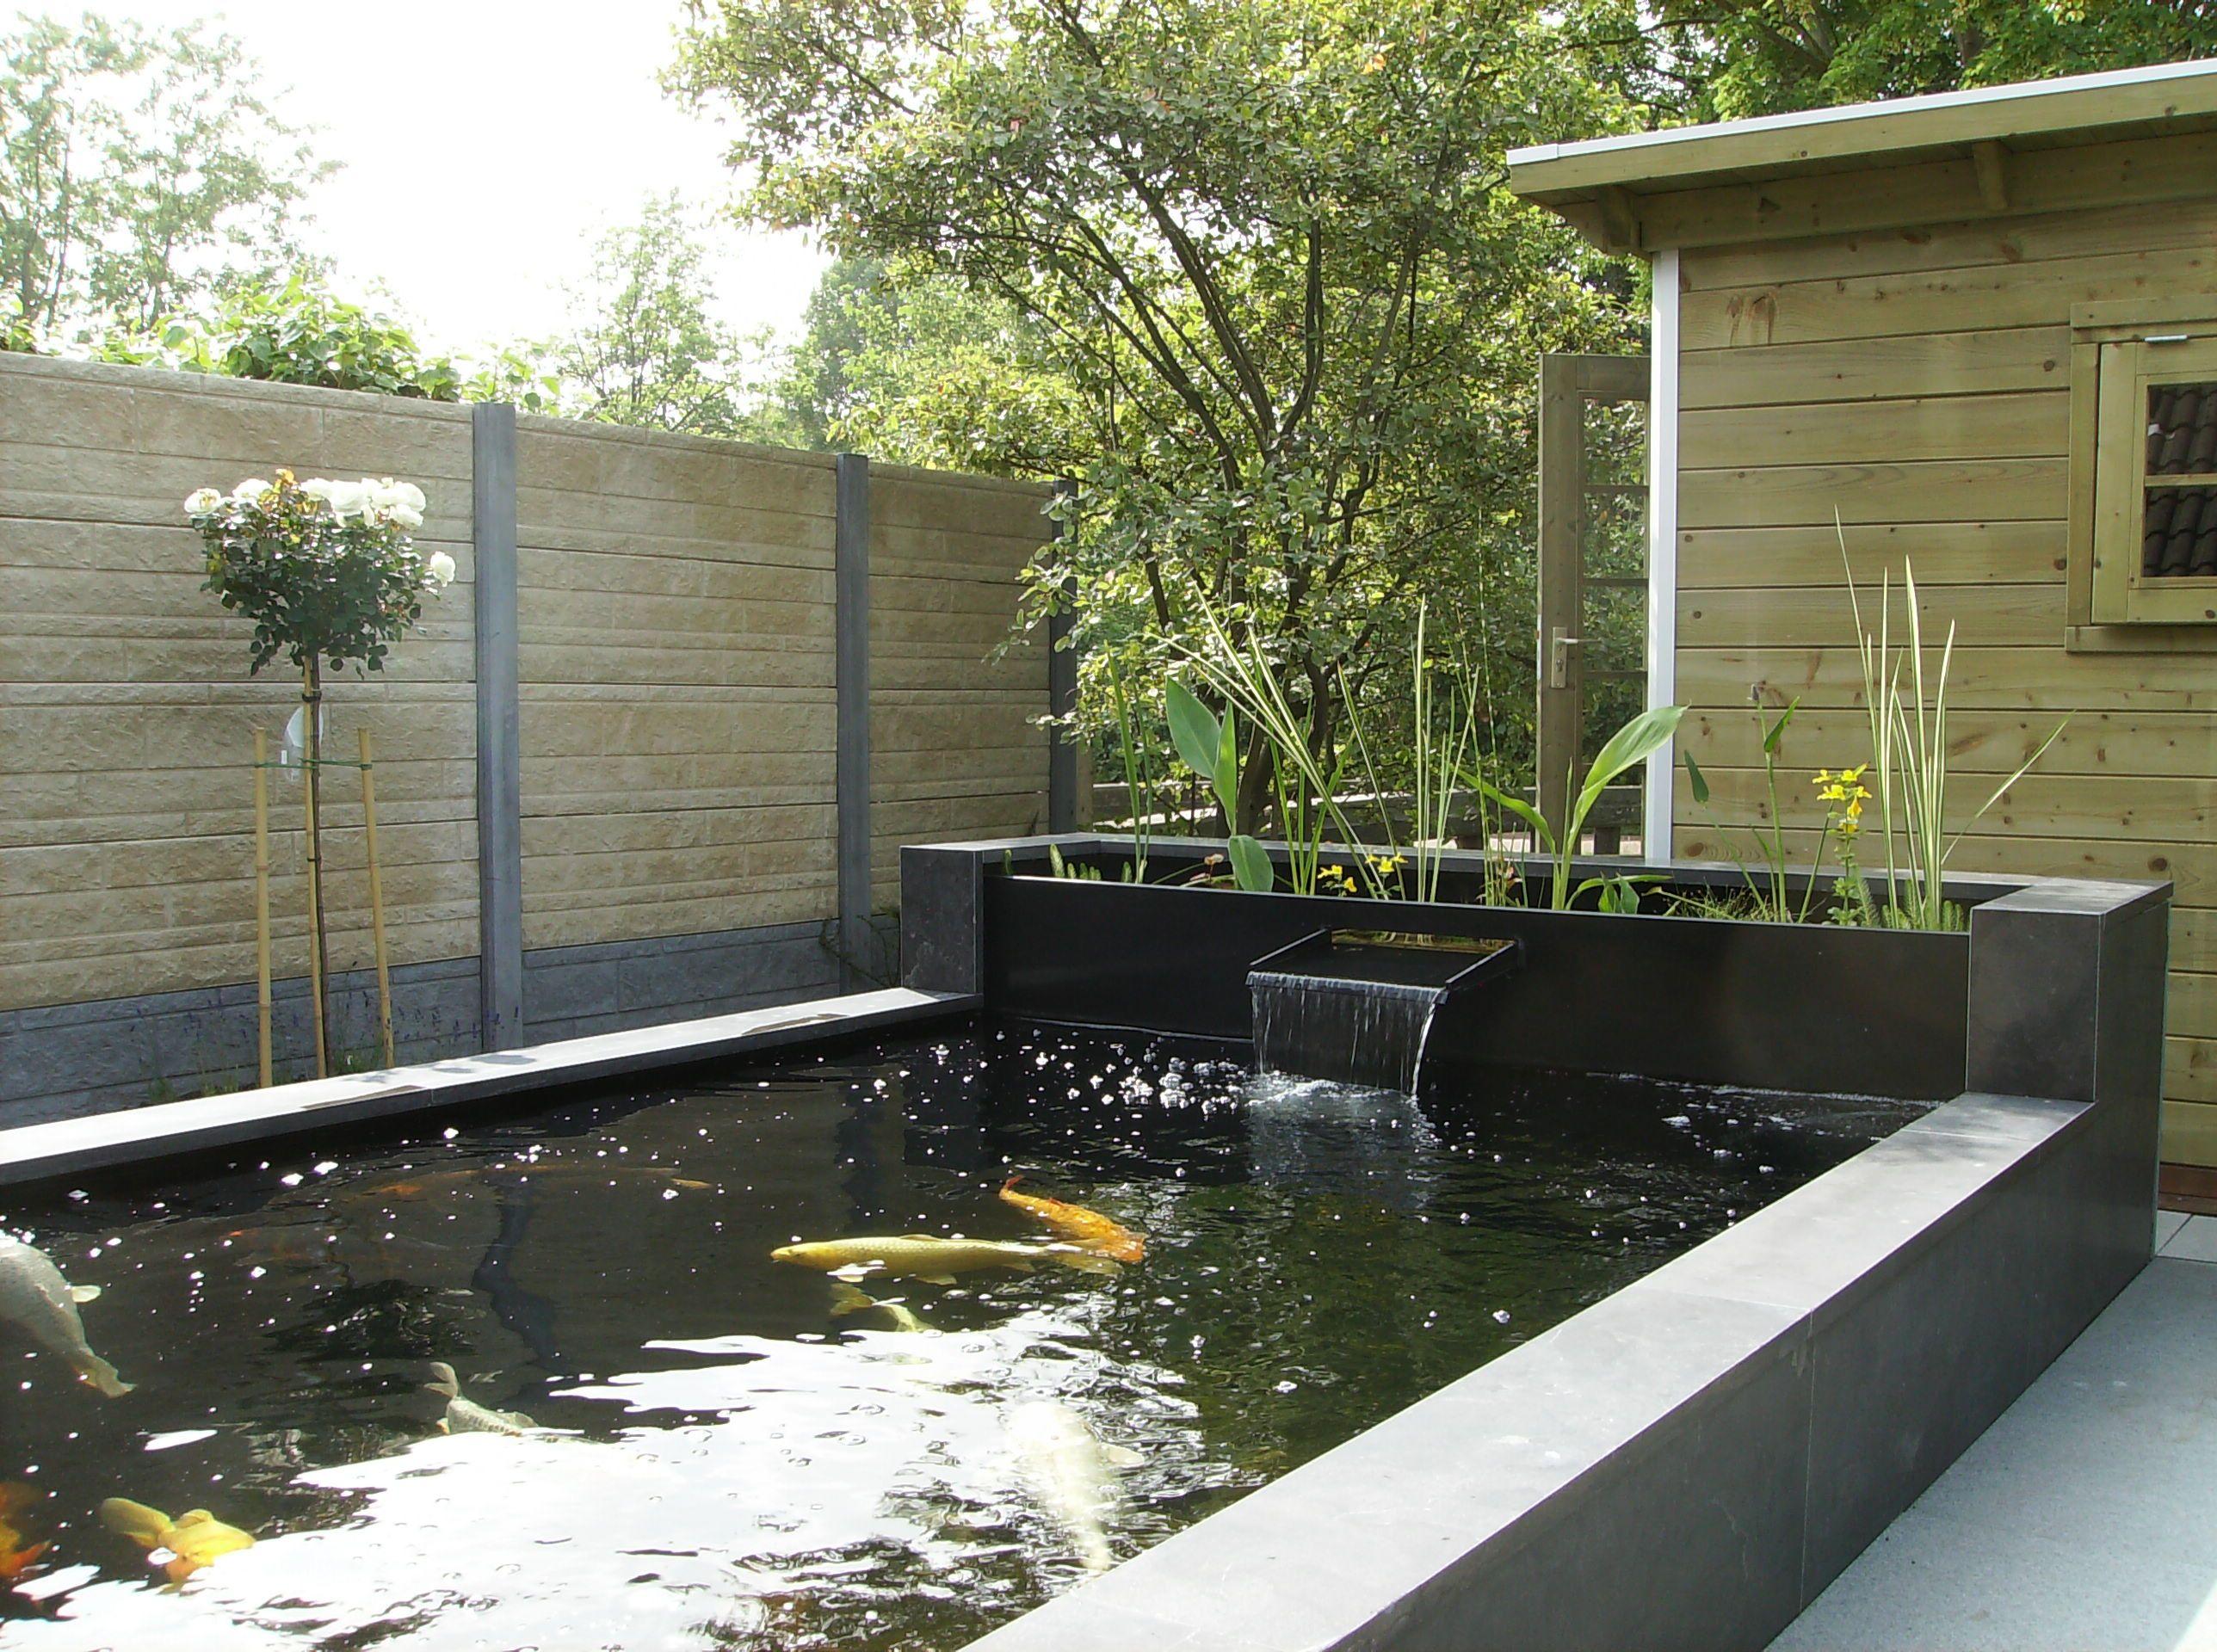 Moderne tuin met vijver google zoeken waterelement pinterest moderne tuin zoeken en google - Huis in de tuin ...